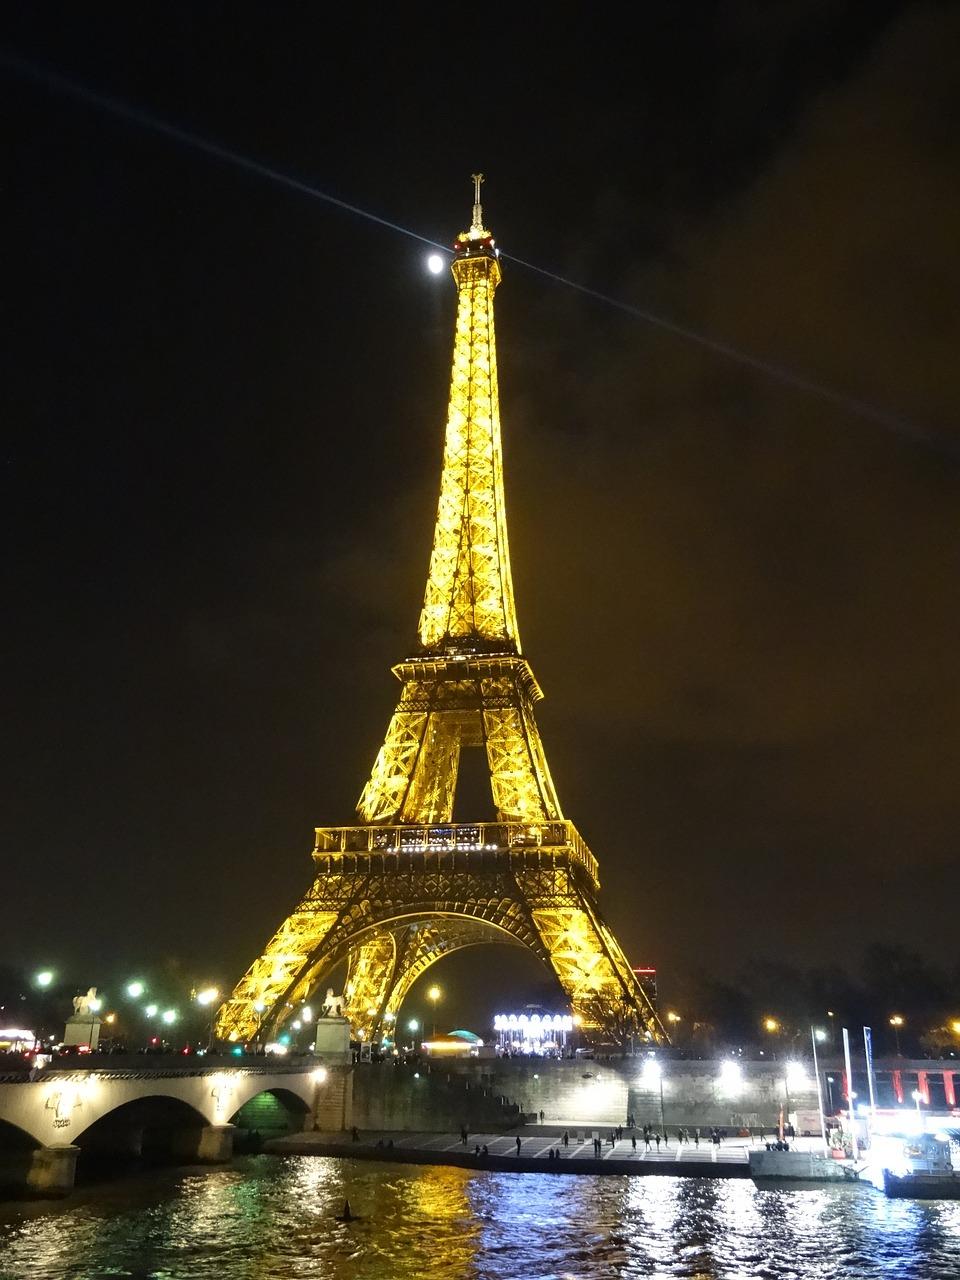 частный картинки эйфелевой башни блестящие того чтобы построить